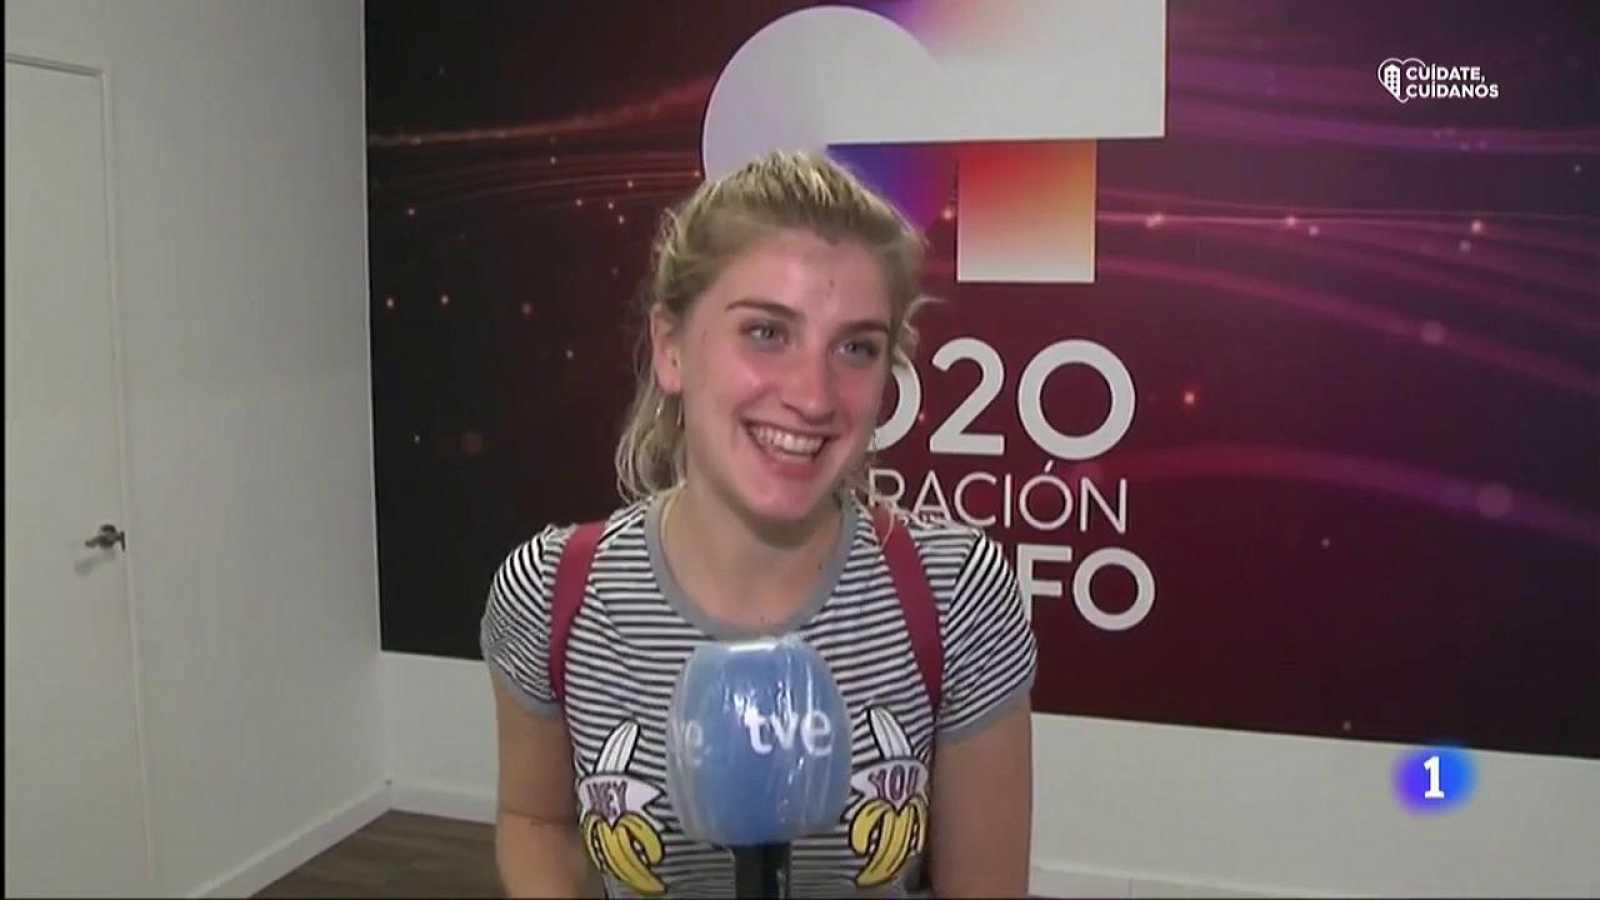 OT 2020 - Samantha cuenta sus sensaciones a la llegada a la Academia de OT 2020